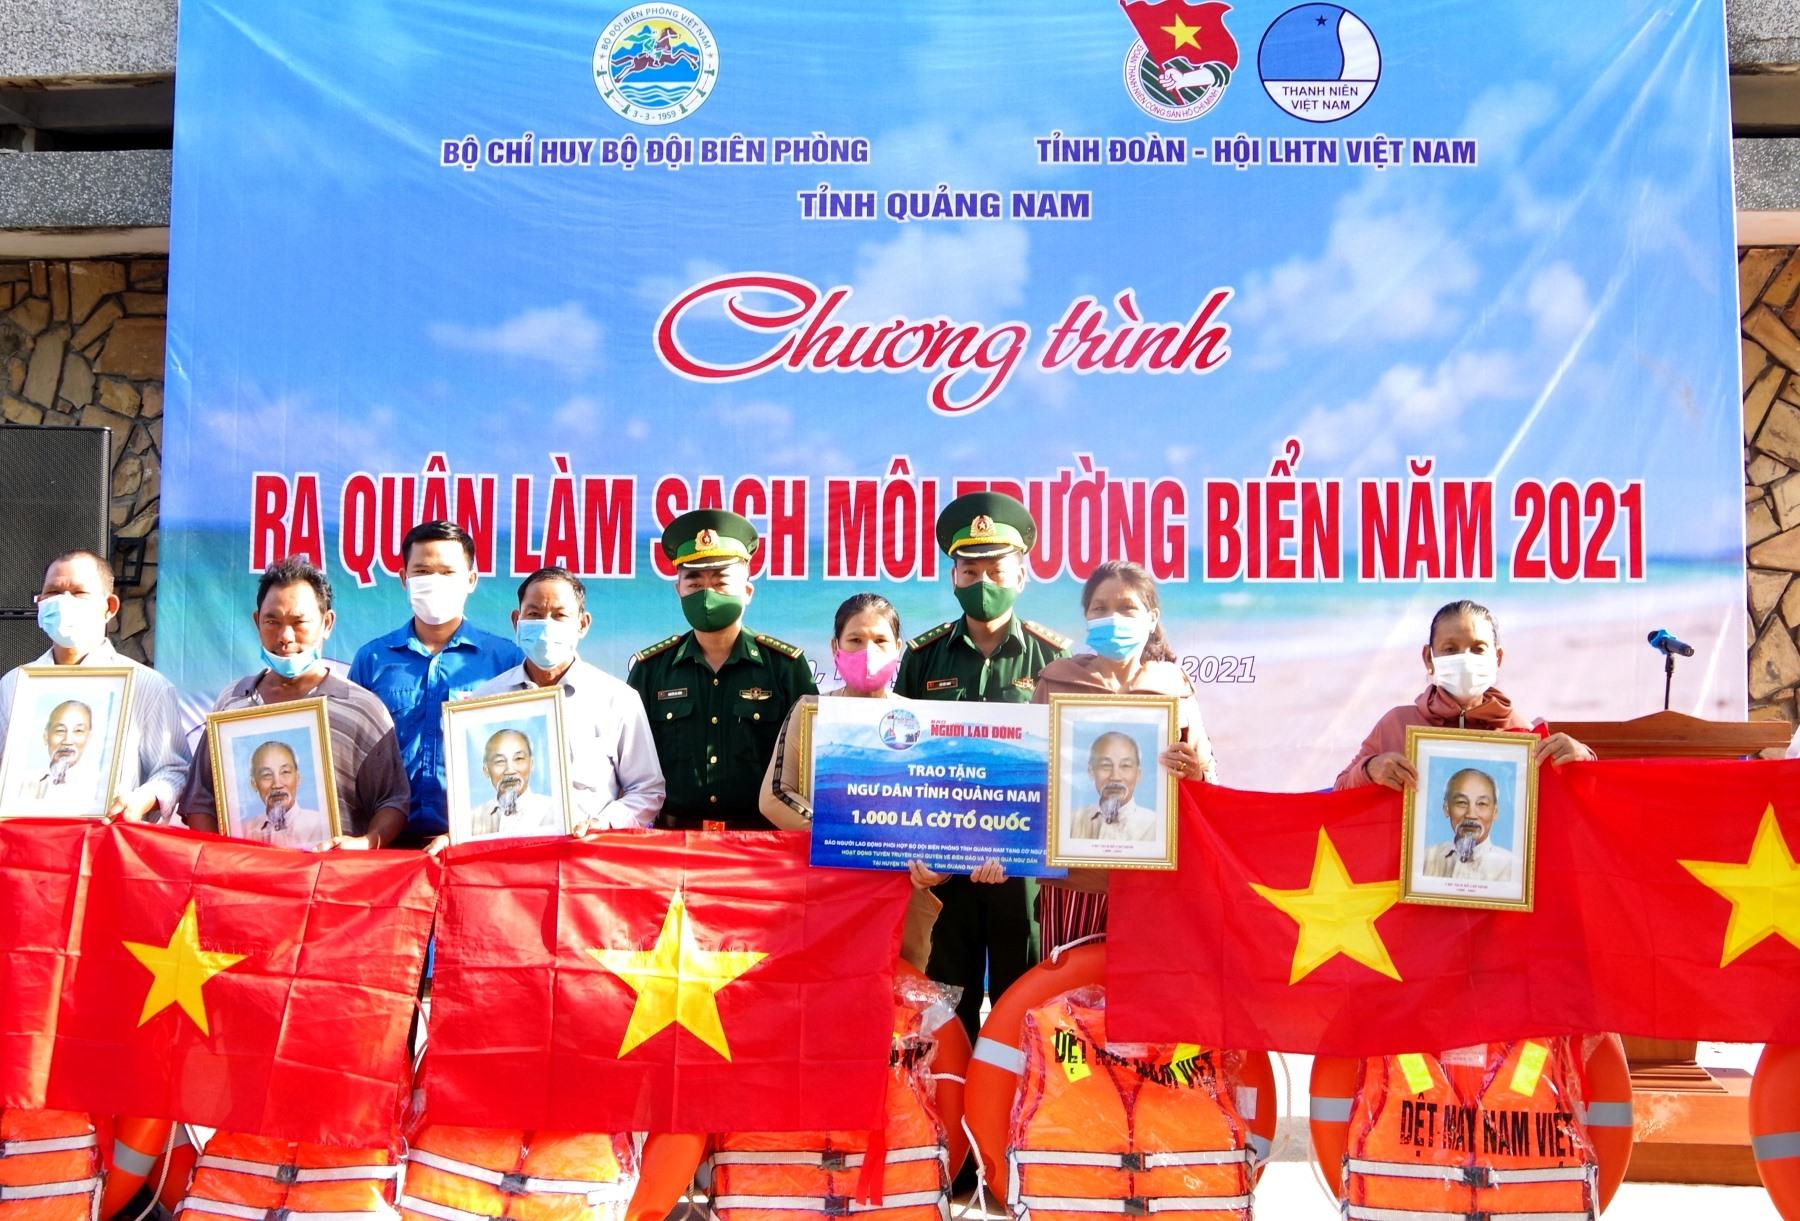 Trao tặng ảnh Bác Hồ, cờ Tổ quốc, áo phao và phao cứu sinh cho ngư dân xã Bình Minh.